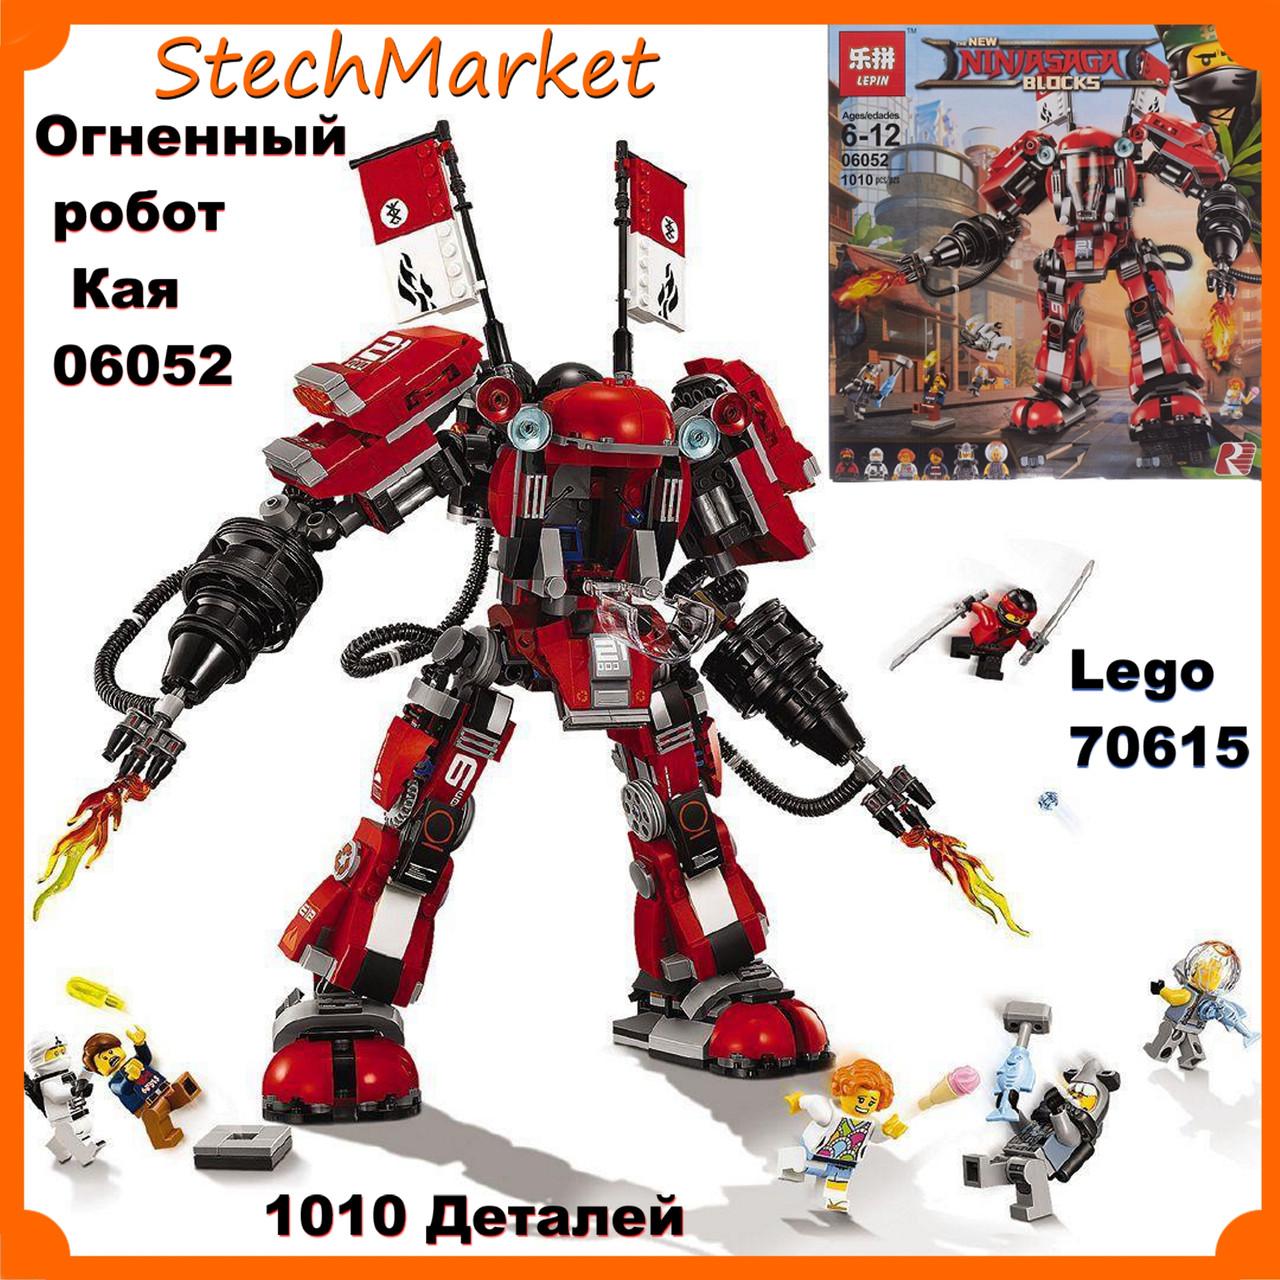 Конструктор Огненный робот Кая (Lepin 06052  (аналог Lego Ninjago Movie 70615))